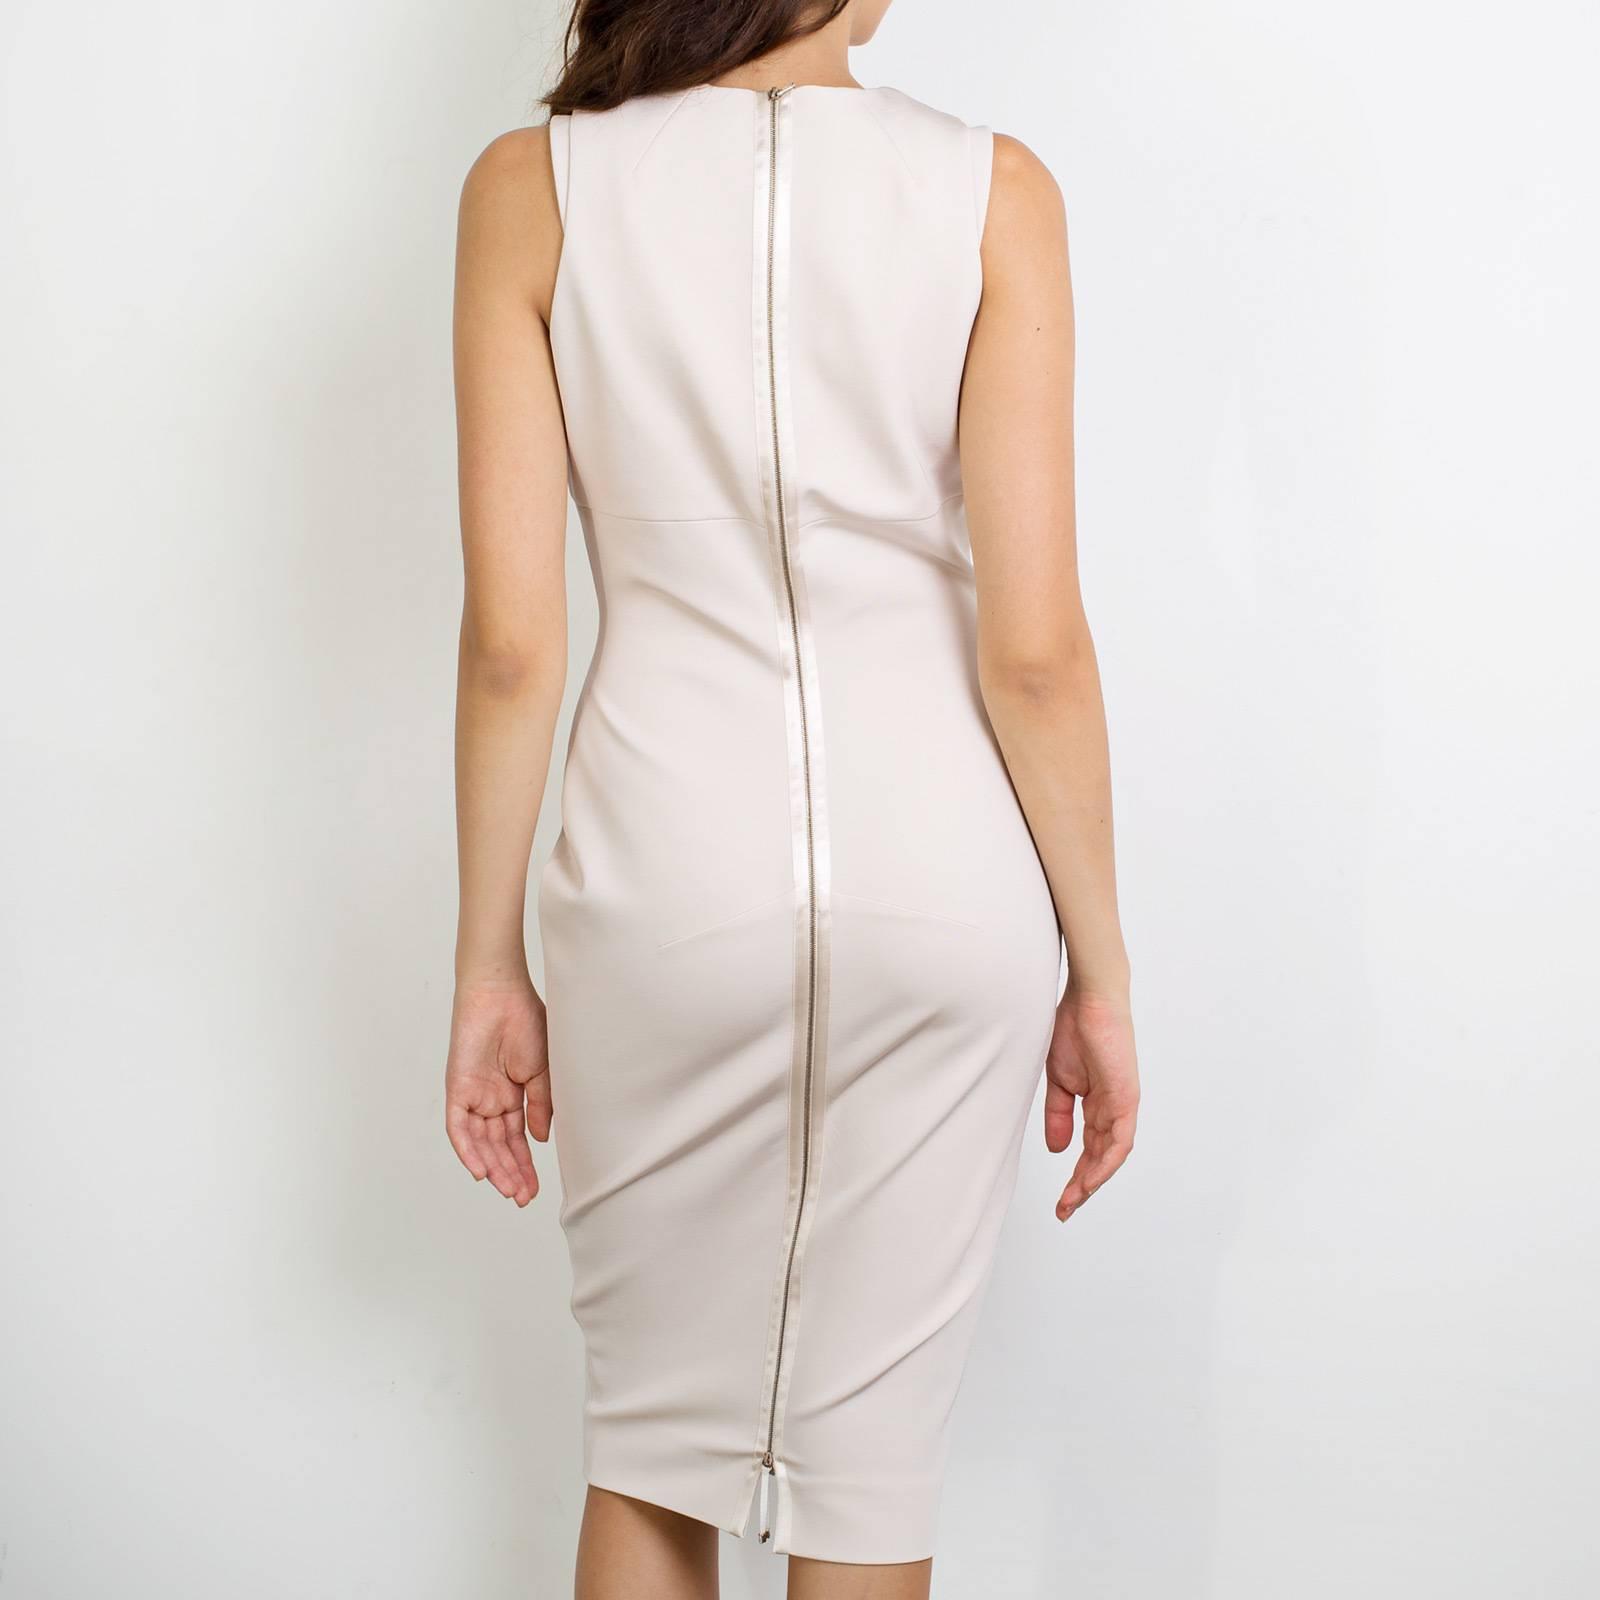 0449fe1f550 Купить платье Victoria Beckham в Москве с доставкой по цене 9300 ...